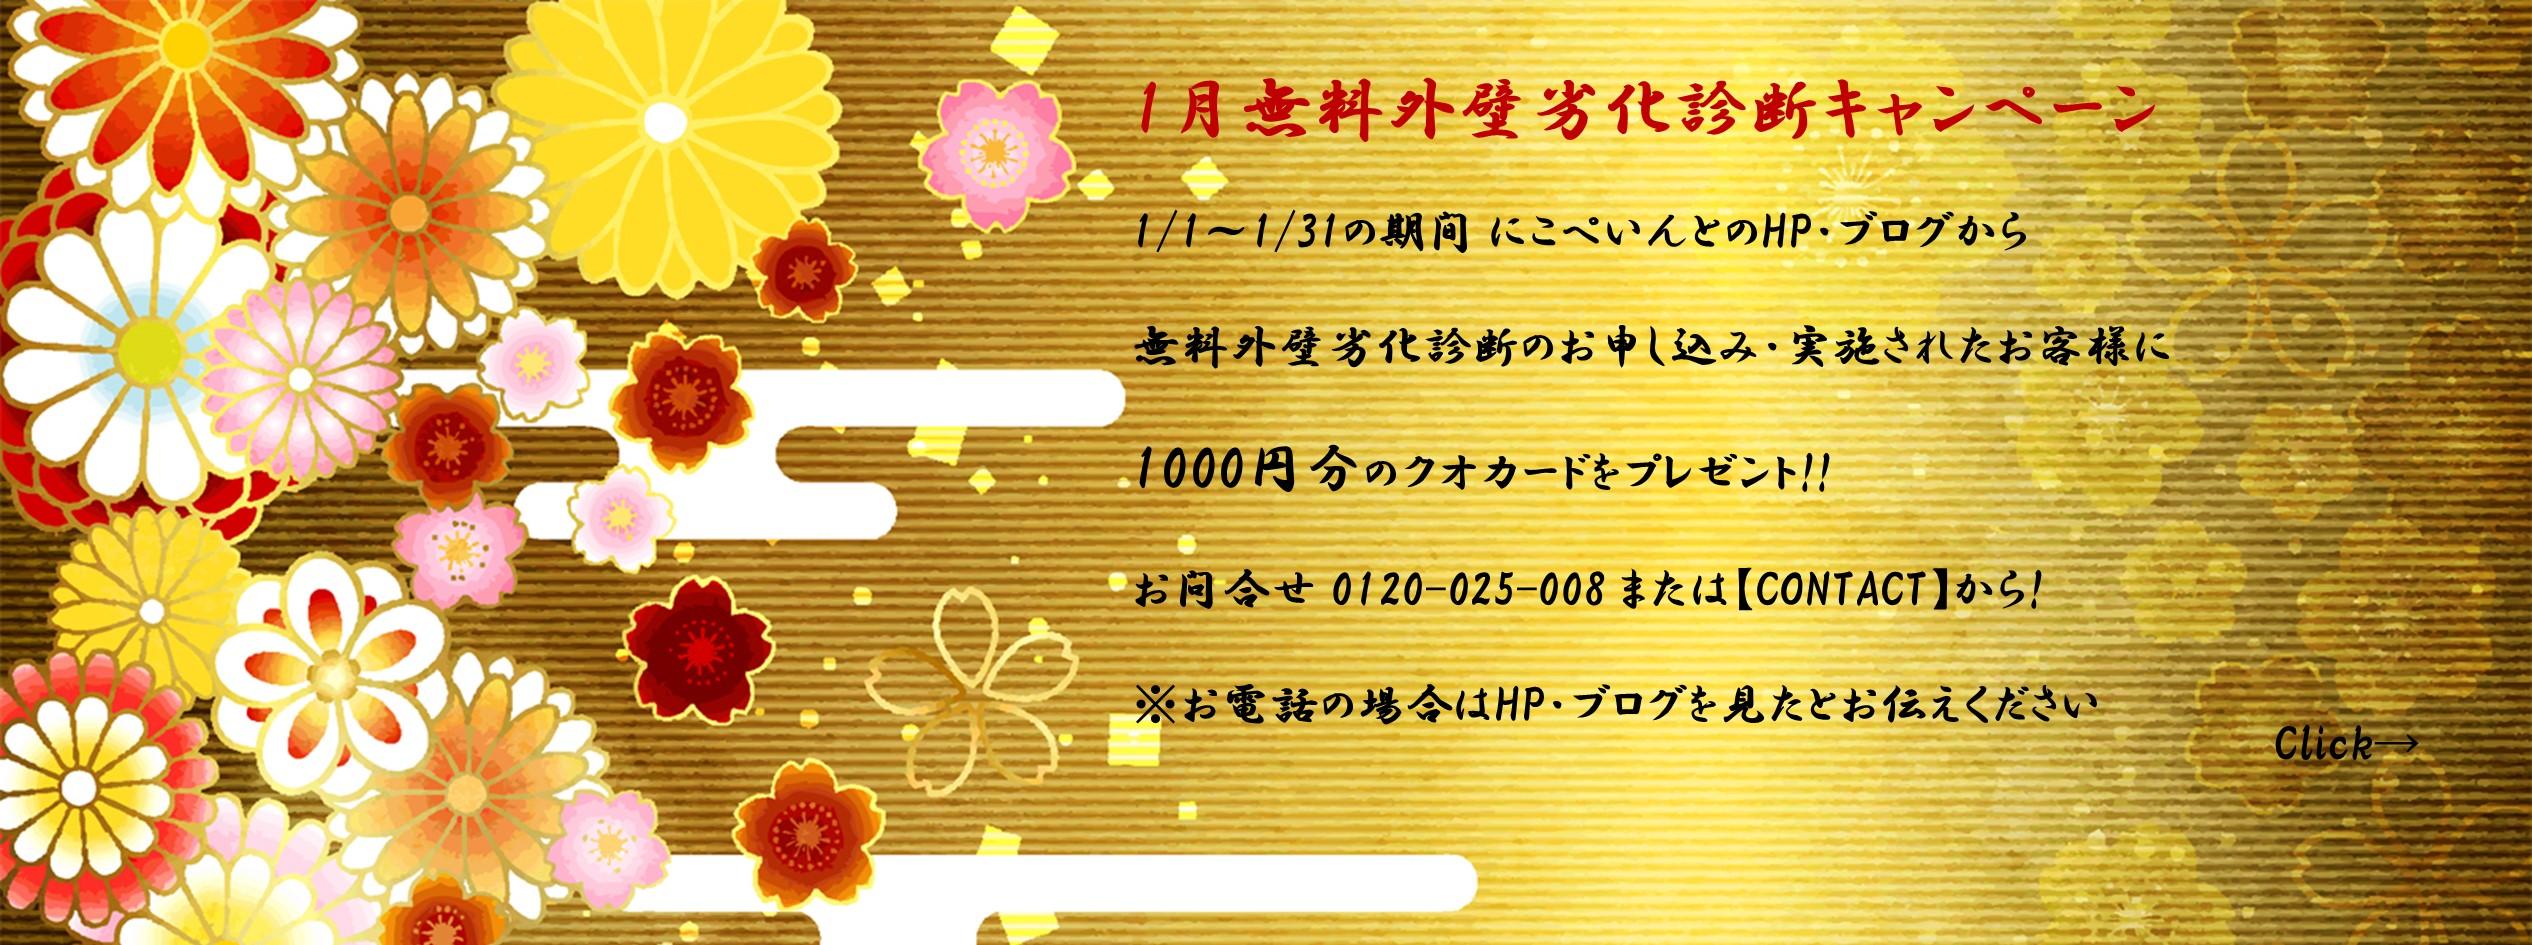 HPお知らせ用 1月(正月)